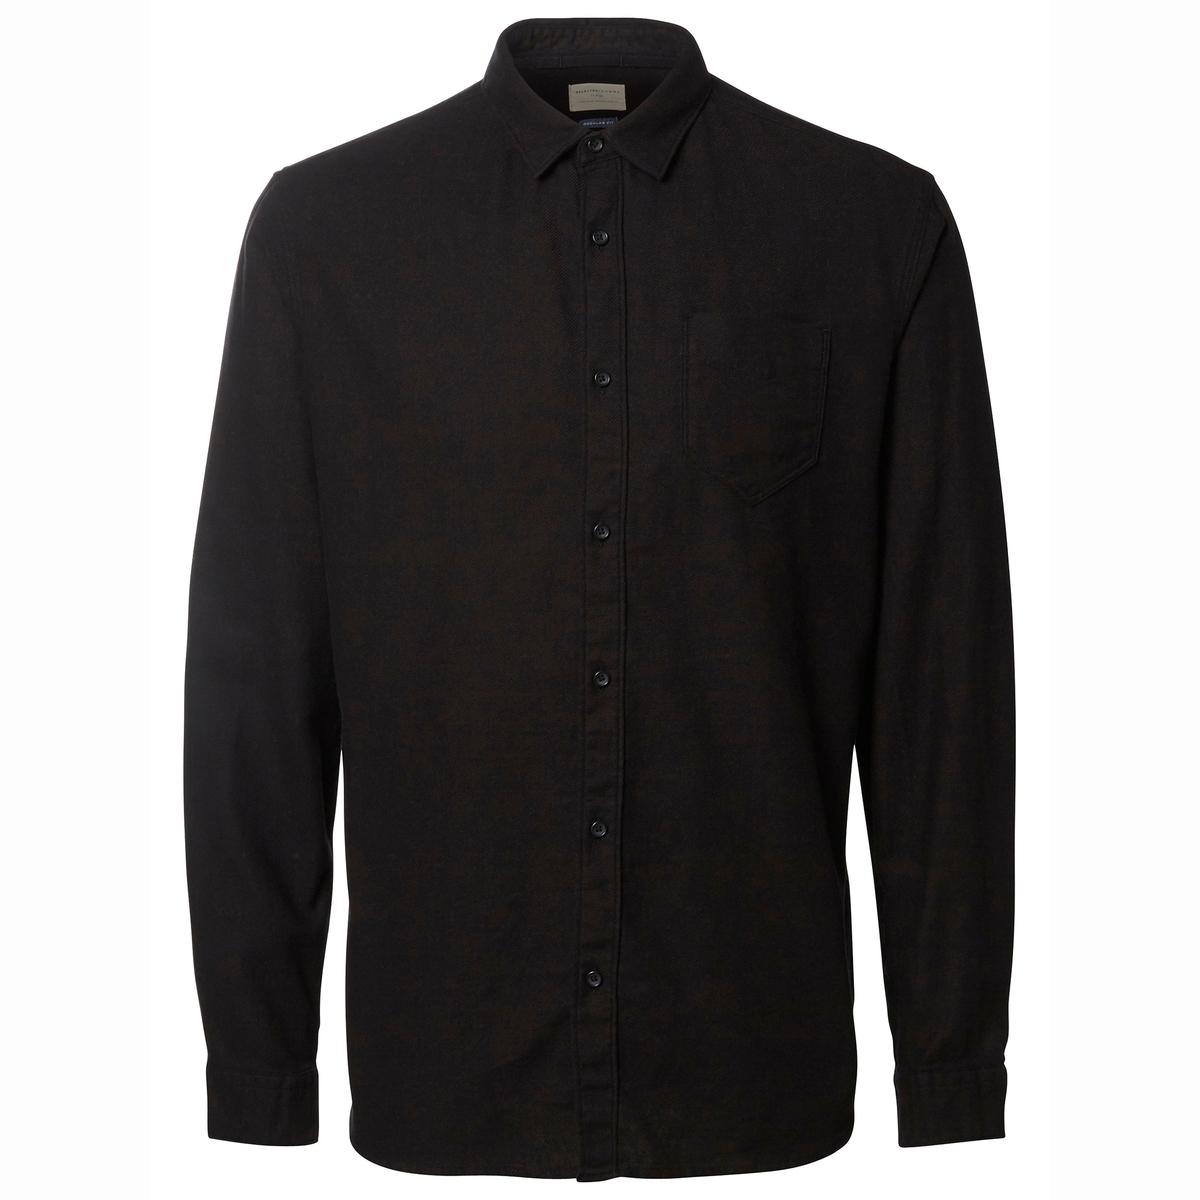 Рубашка  с длинными рукавами WokenОднотонная рубашка  с длинными рукавами WOKEN -  SELECTED HOMME. Прямой покрой и классический воротник. 1 нагрудный карман. Низ слегка закругленный, манжеты  на пуговицах.  Состав и описание:Материал: 100% хлопка.Марка: SELECTED HOMME.<br><br>Цвет: черный<br>Размер: M